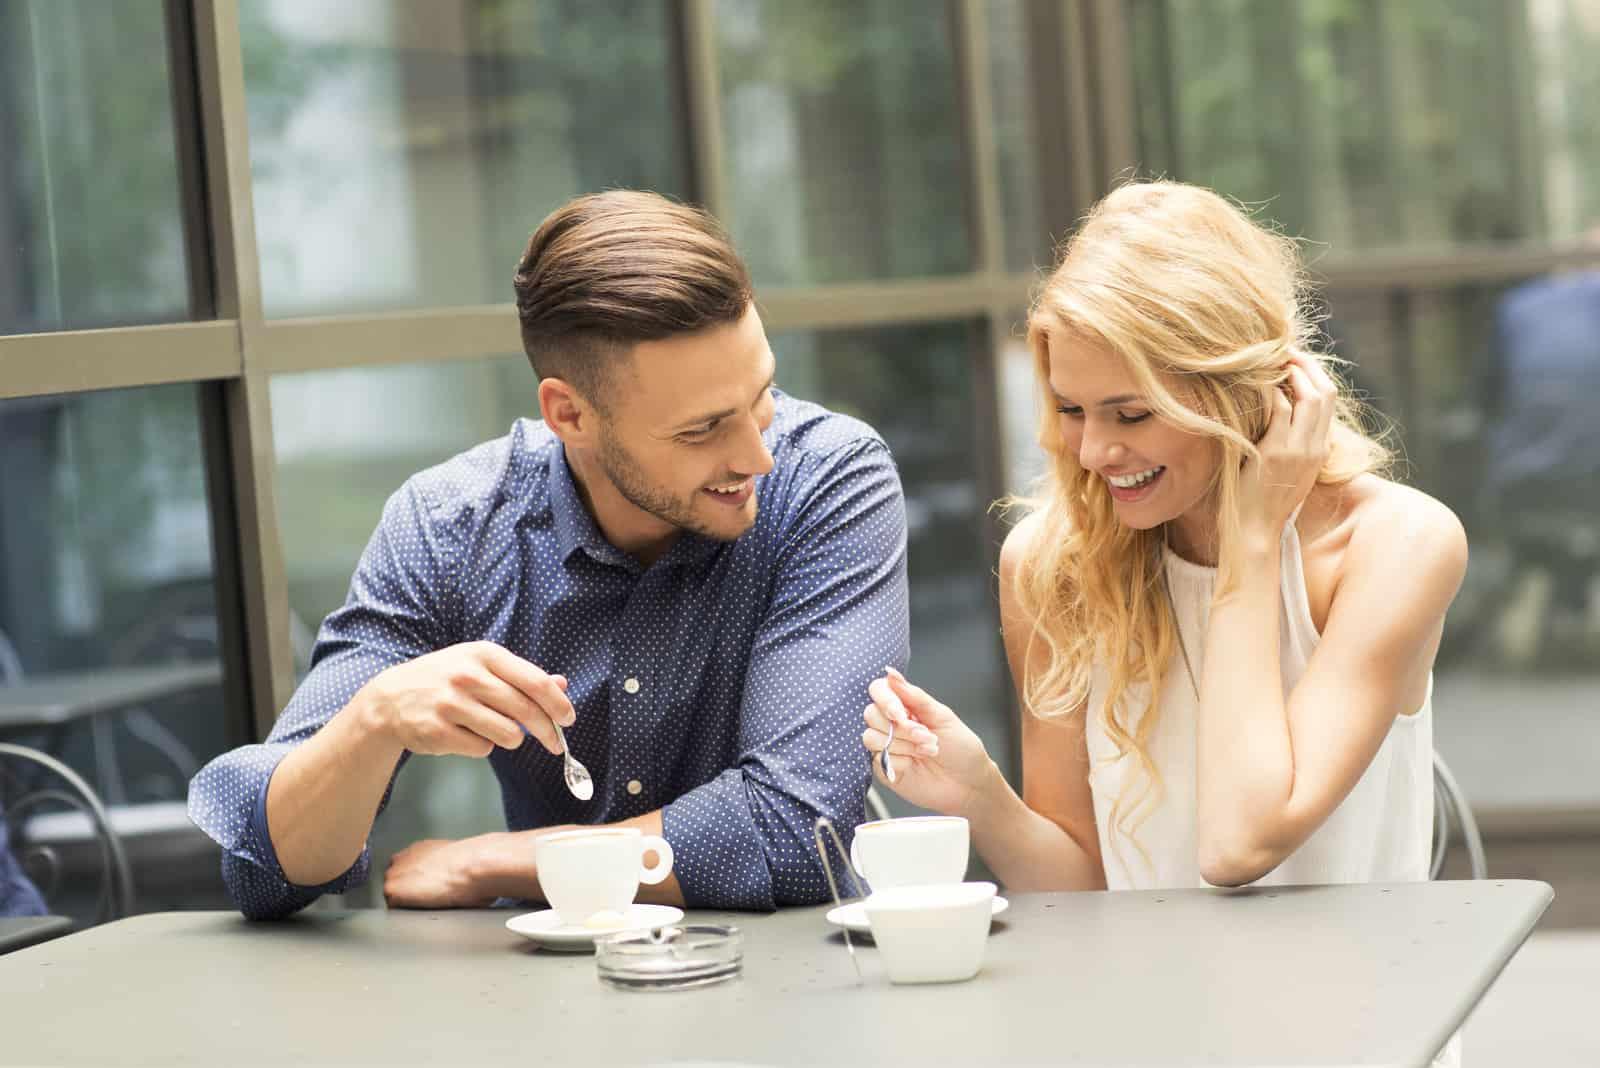 un homme souriant et une femme buvant du café